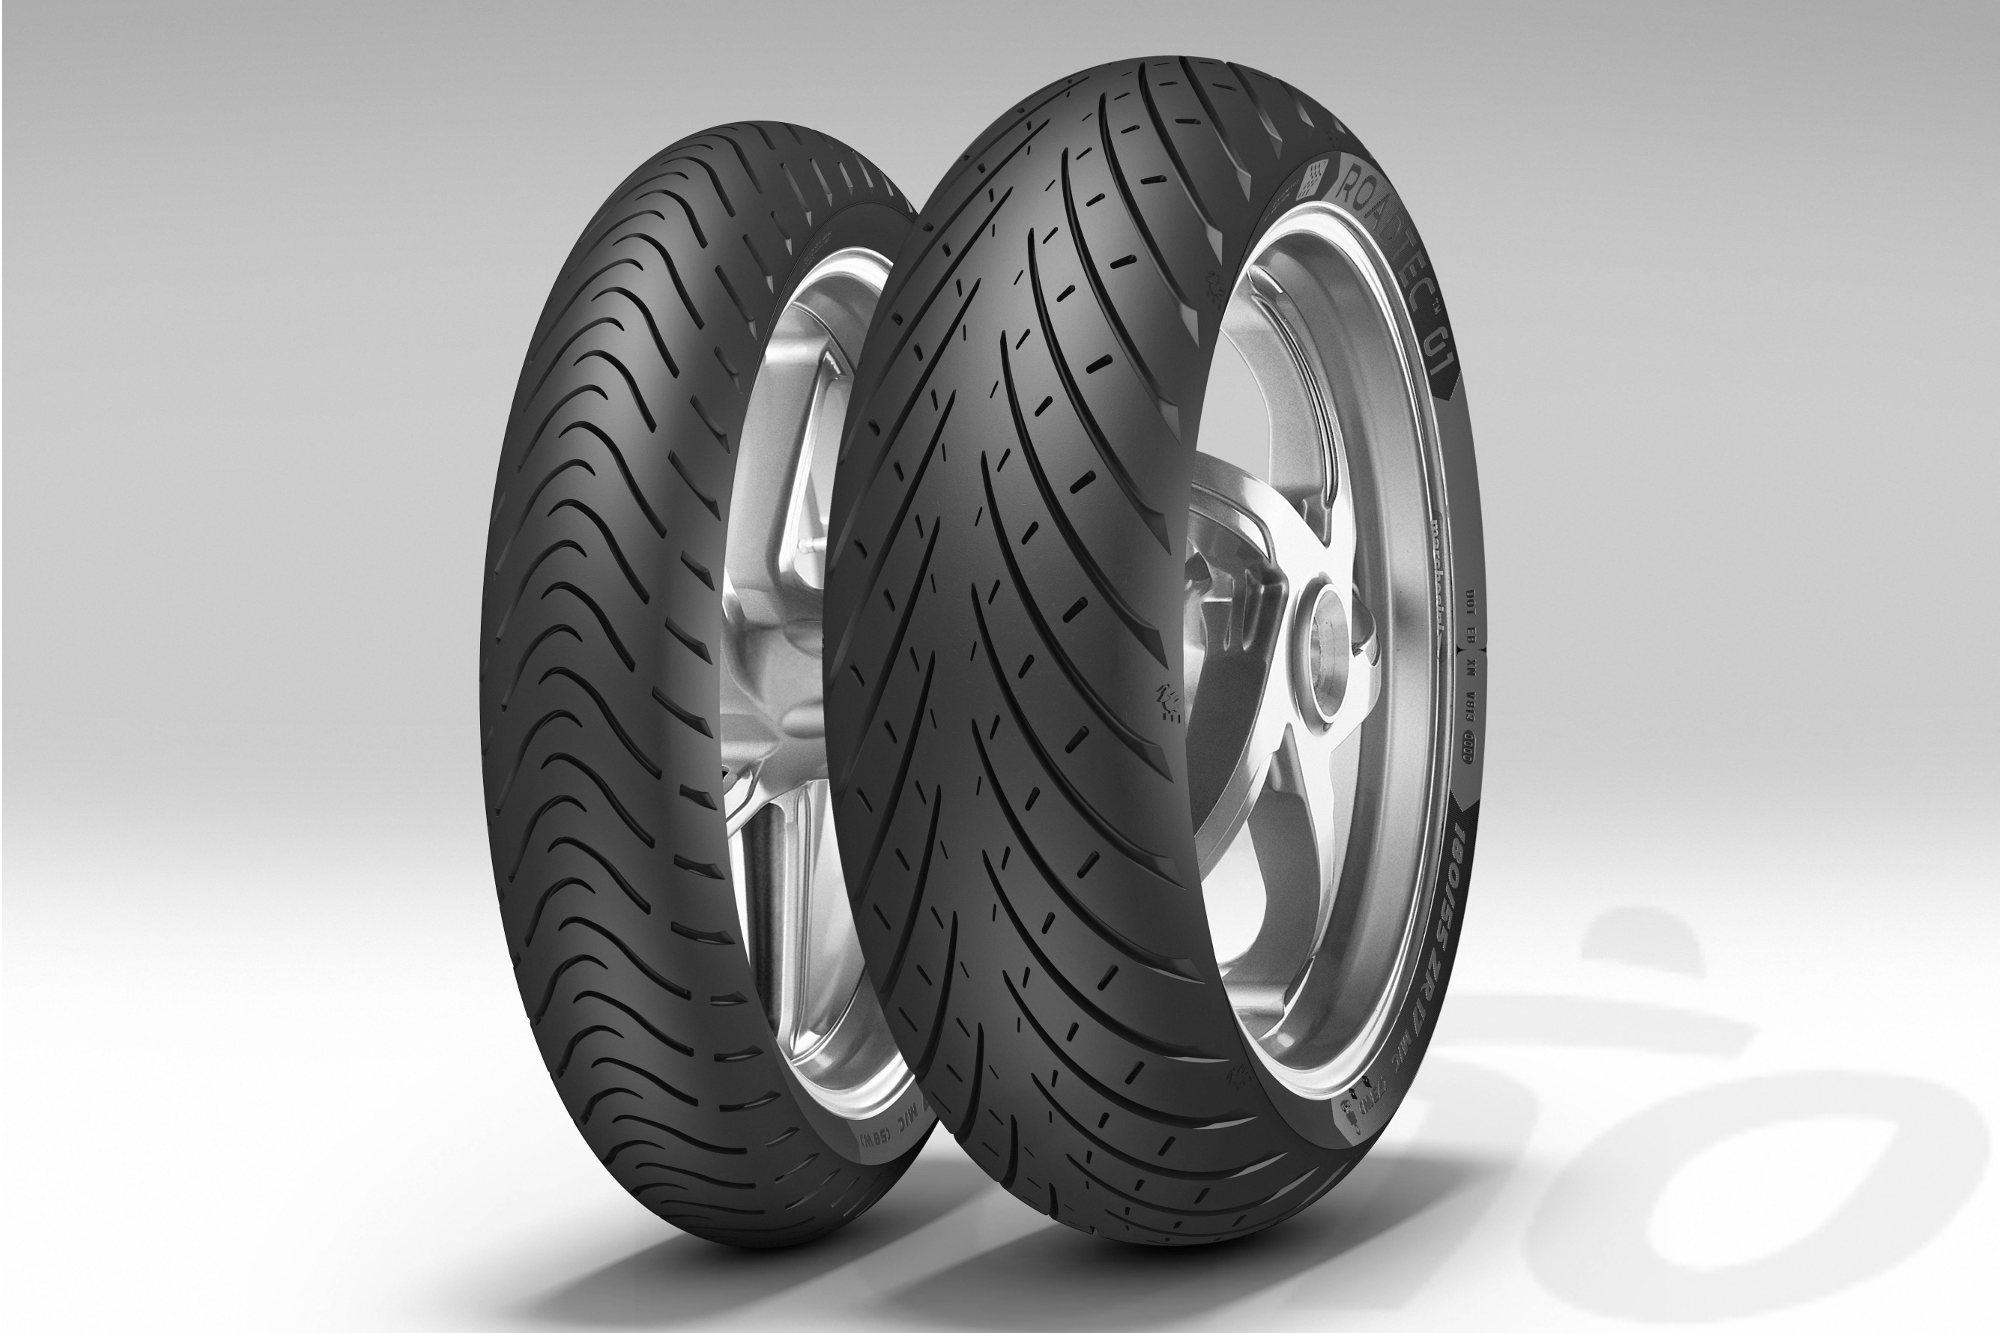 Los neumáticos para carretera Metzeler Roadtec01 están disponibles en versión HWM (Heavy Weight Motorcycles) para las motos más pesadas